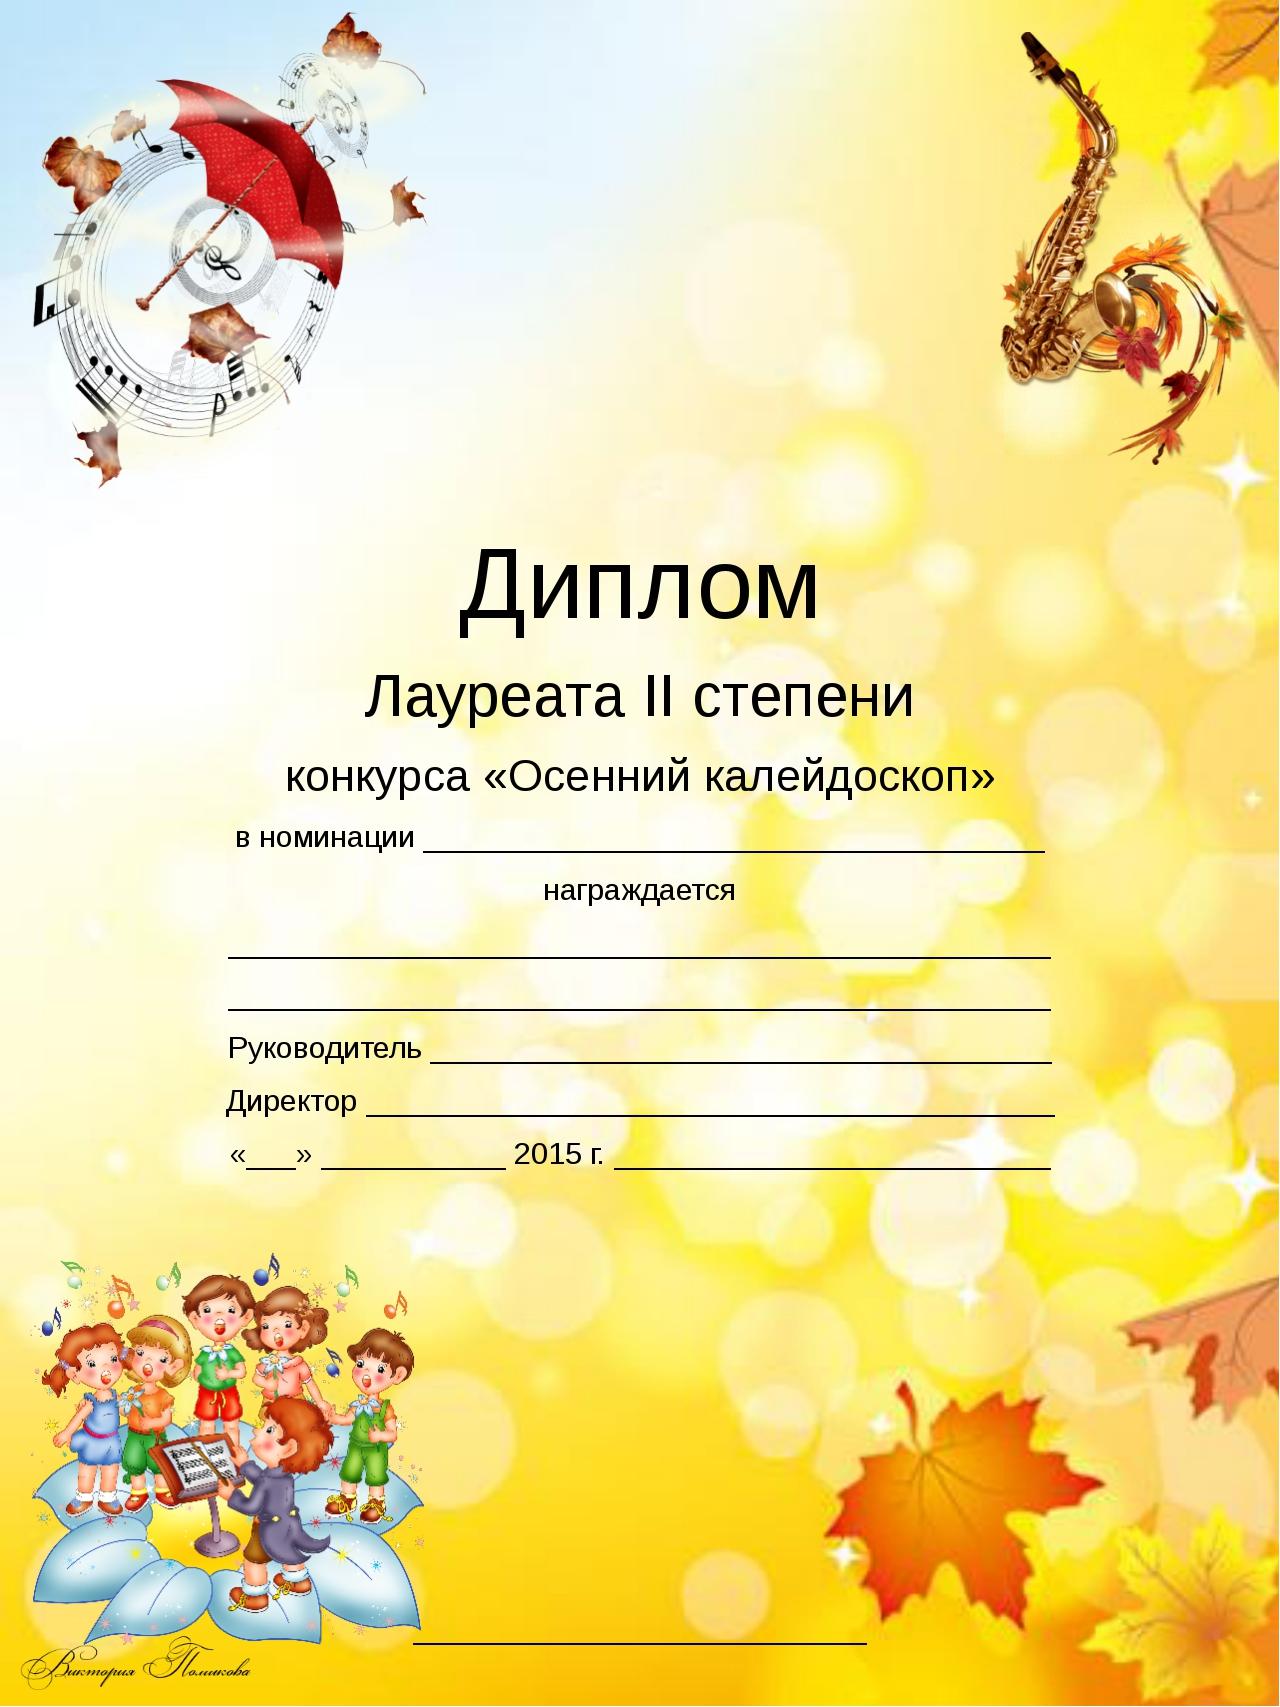 Диплом Лауреата II степени конкурса «Осенний калейдоскоп» в номинации _______...